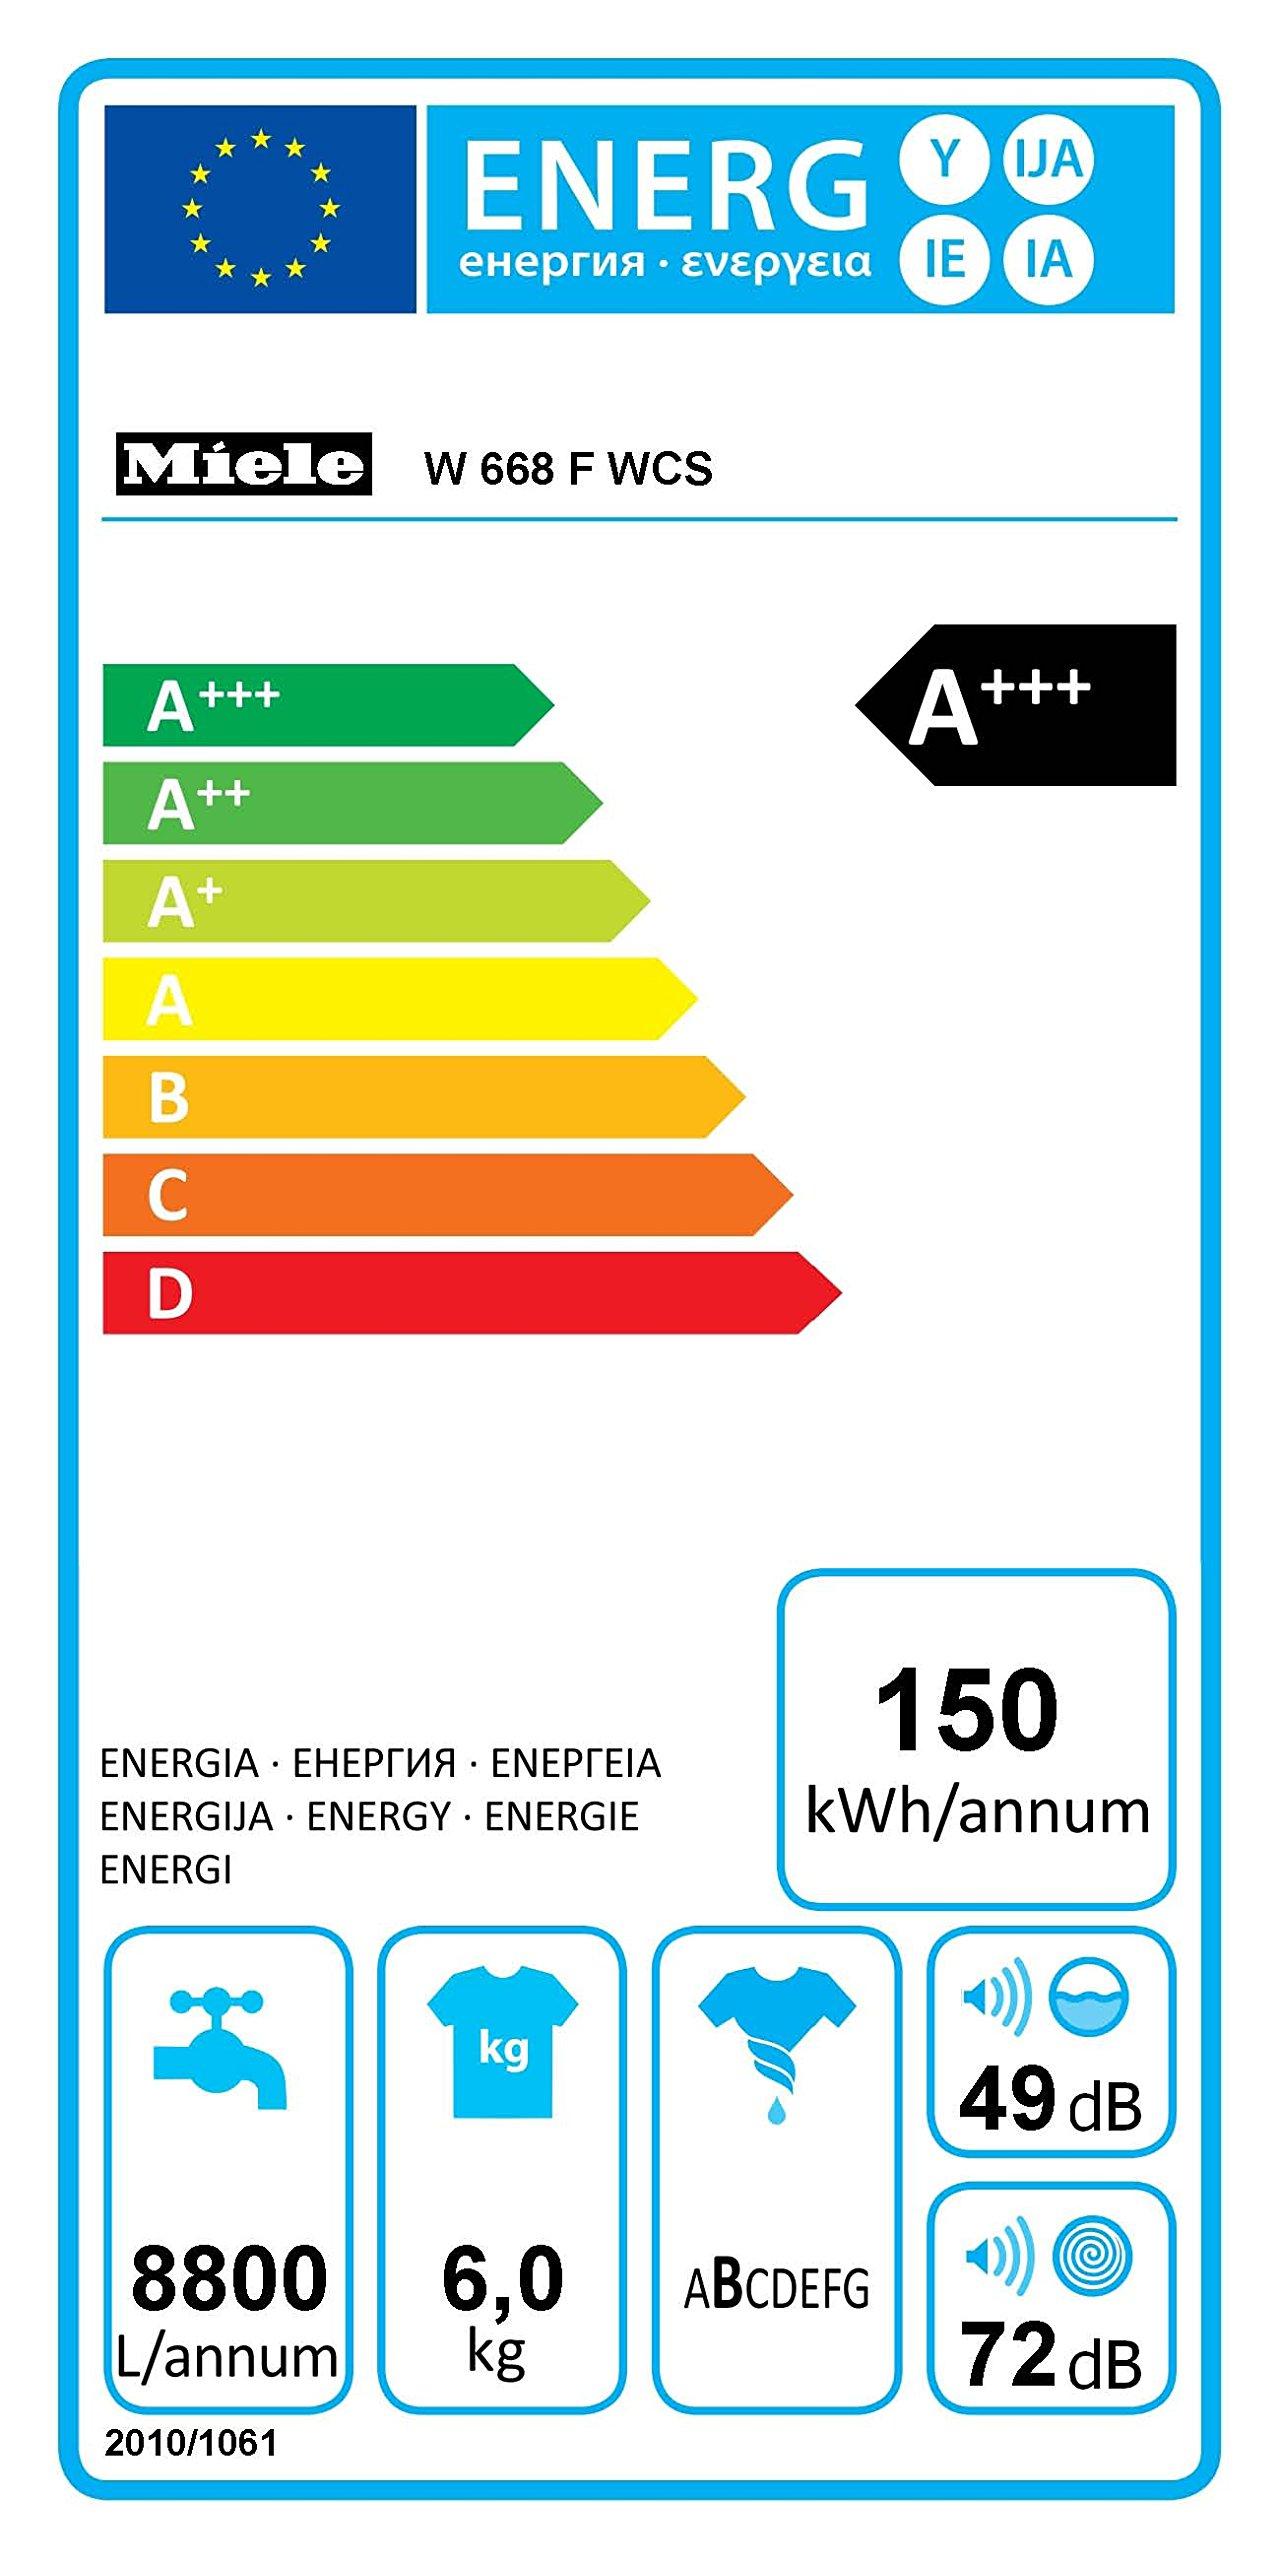 Miele-W668F-WCS-D-LW-Waschmaschine-TL-Energieklasse-A-150-kWhJahr-8800-LiterJahr-6-kg-1200-UpM-Einzigartig-Patentierte-Schontrommel-Mengenautomatik-lotoswei